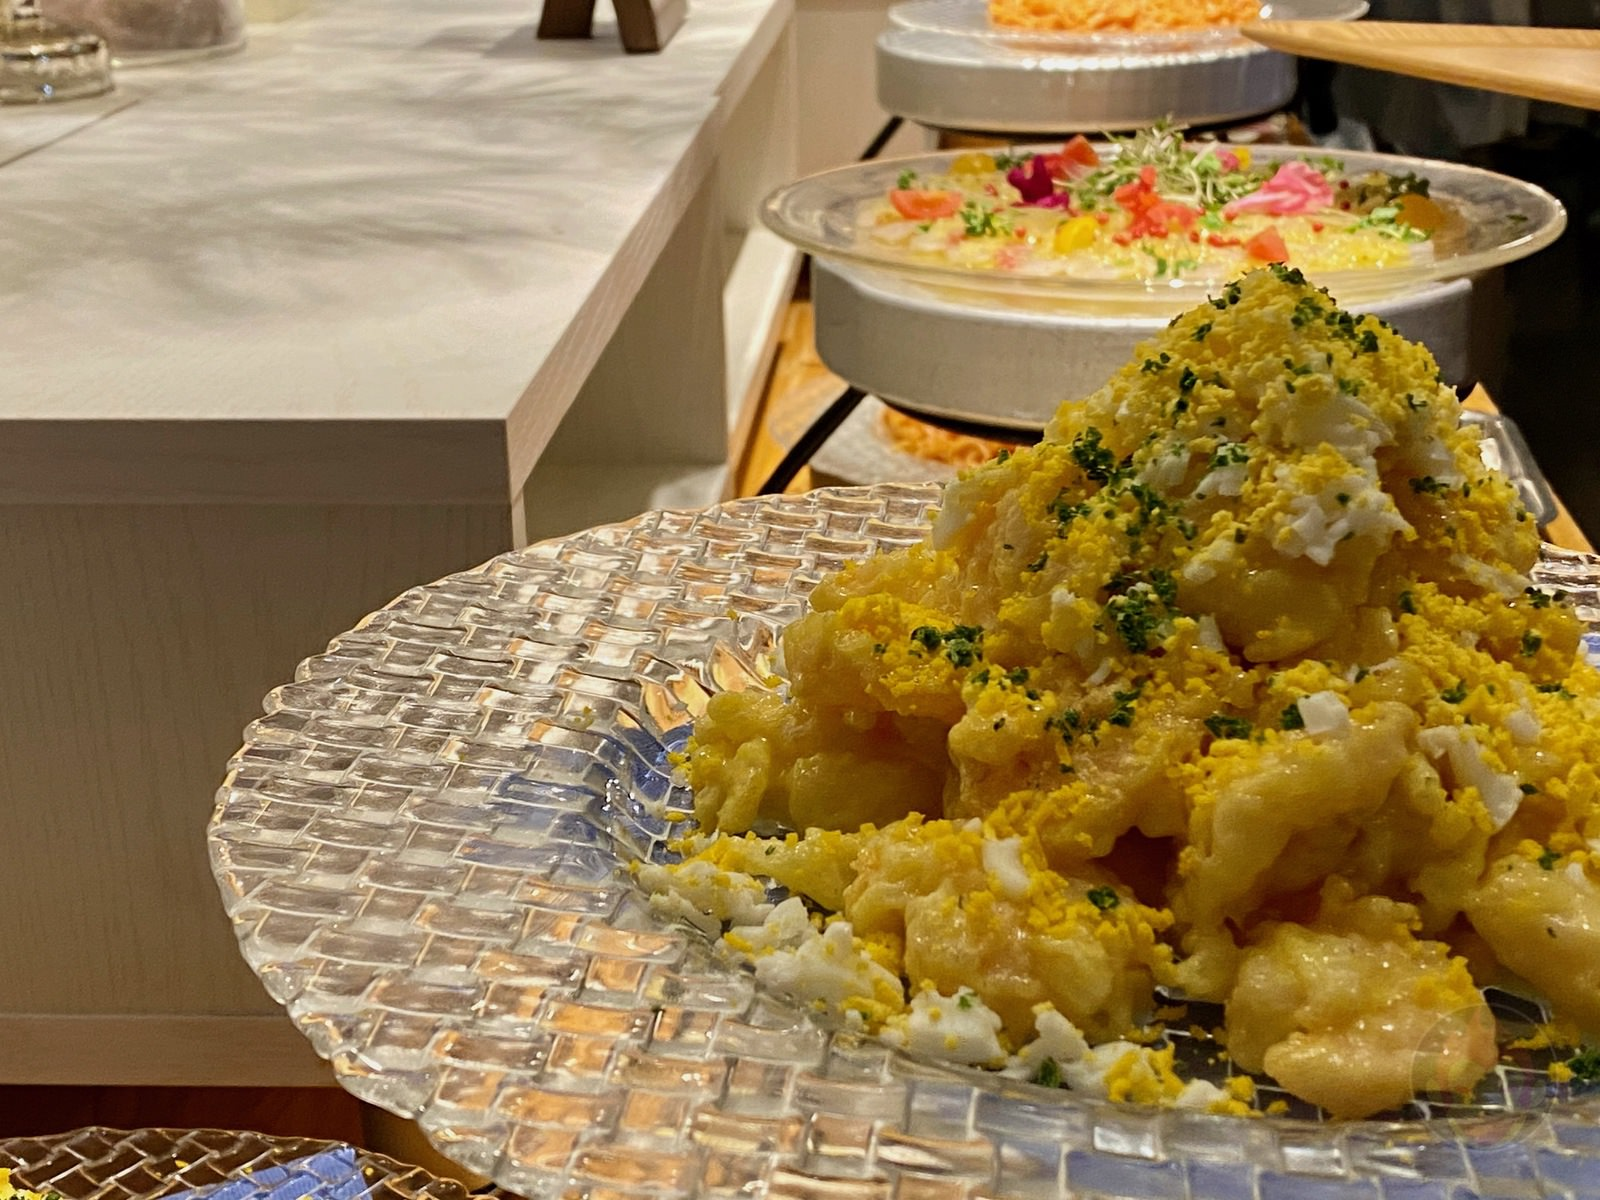 Hoshino Resonale Atami Dinner Buffet 10